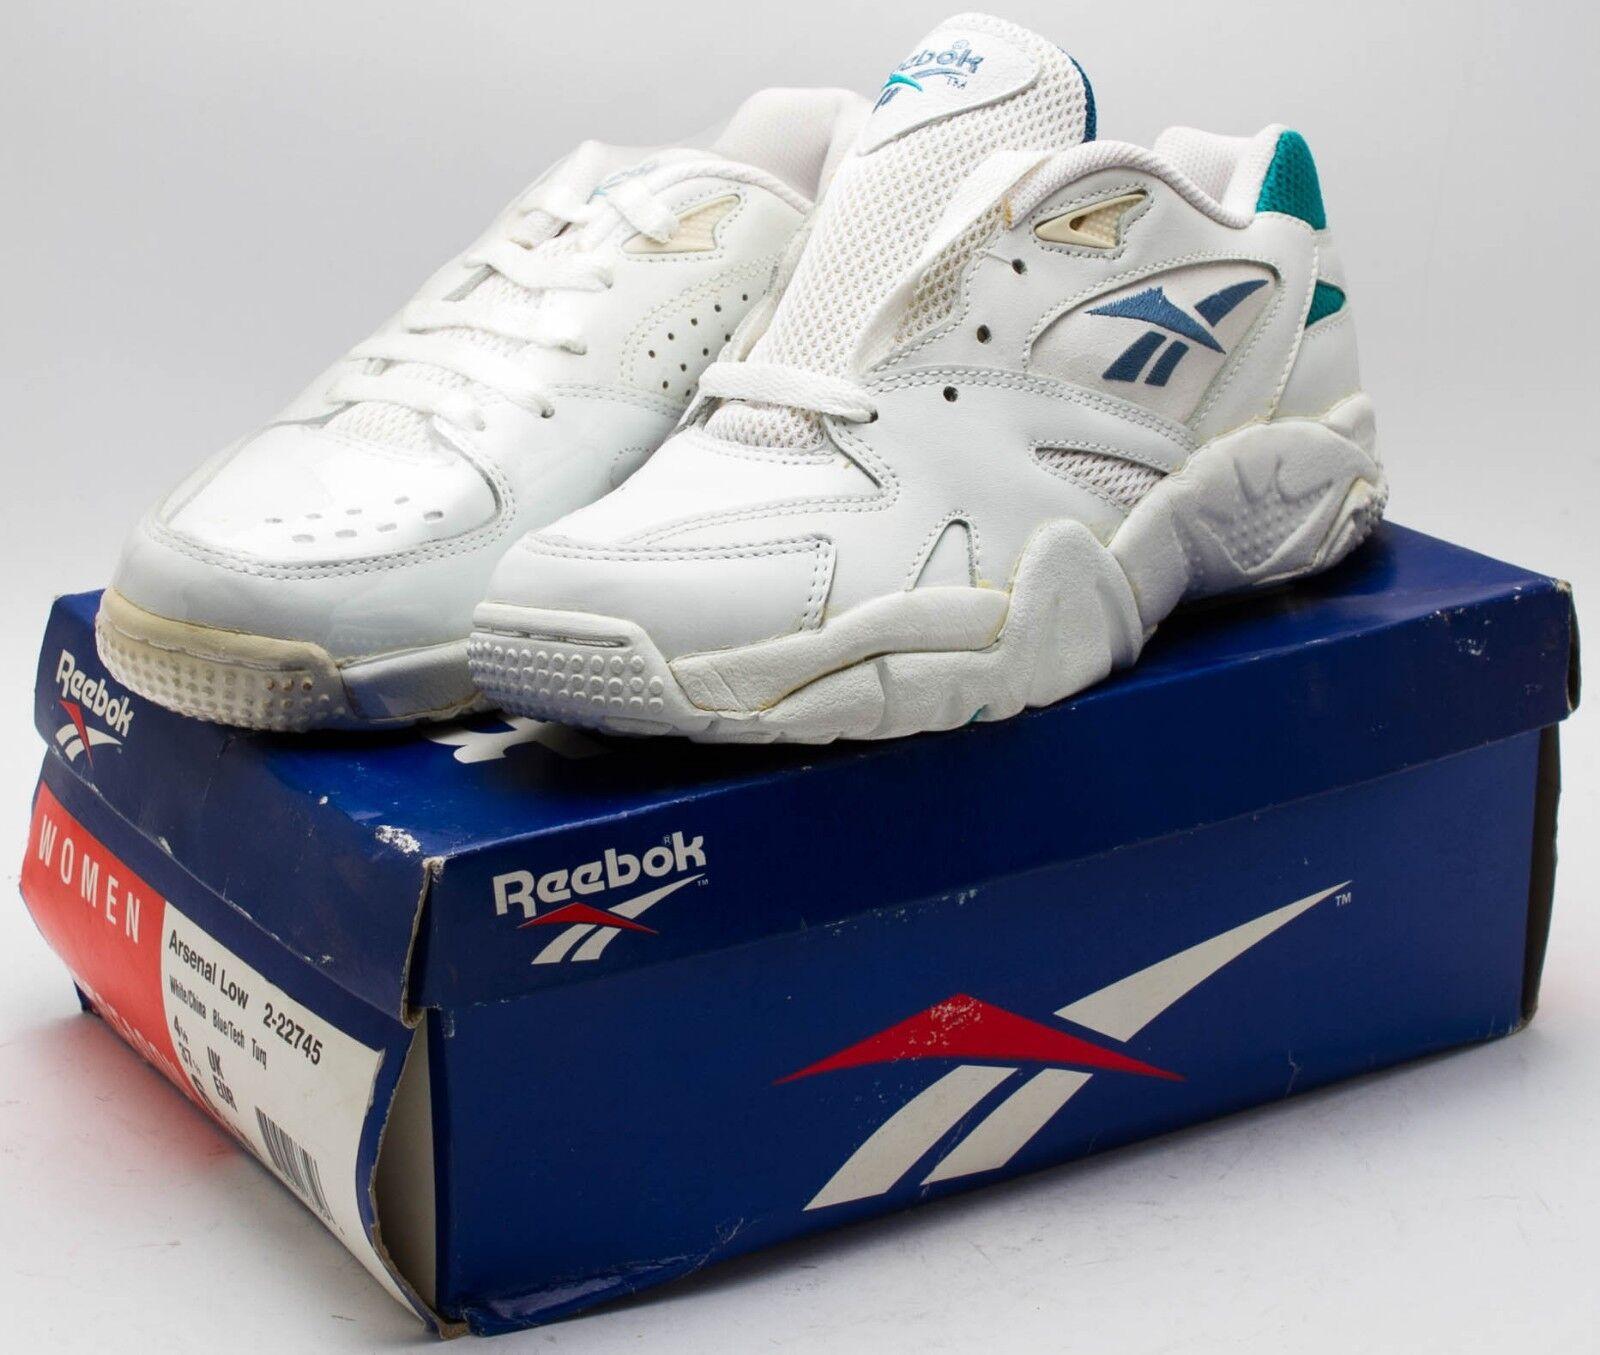 Reebok Women's Vintage 1991 Arsenal Low shoes 2-22745 White sz.6.5